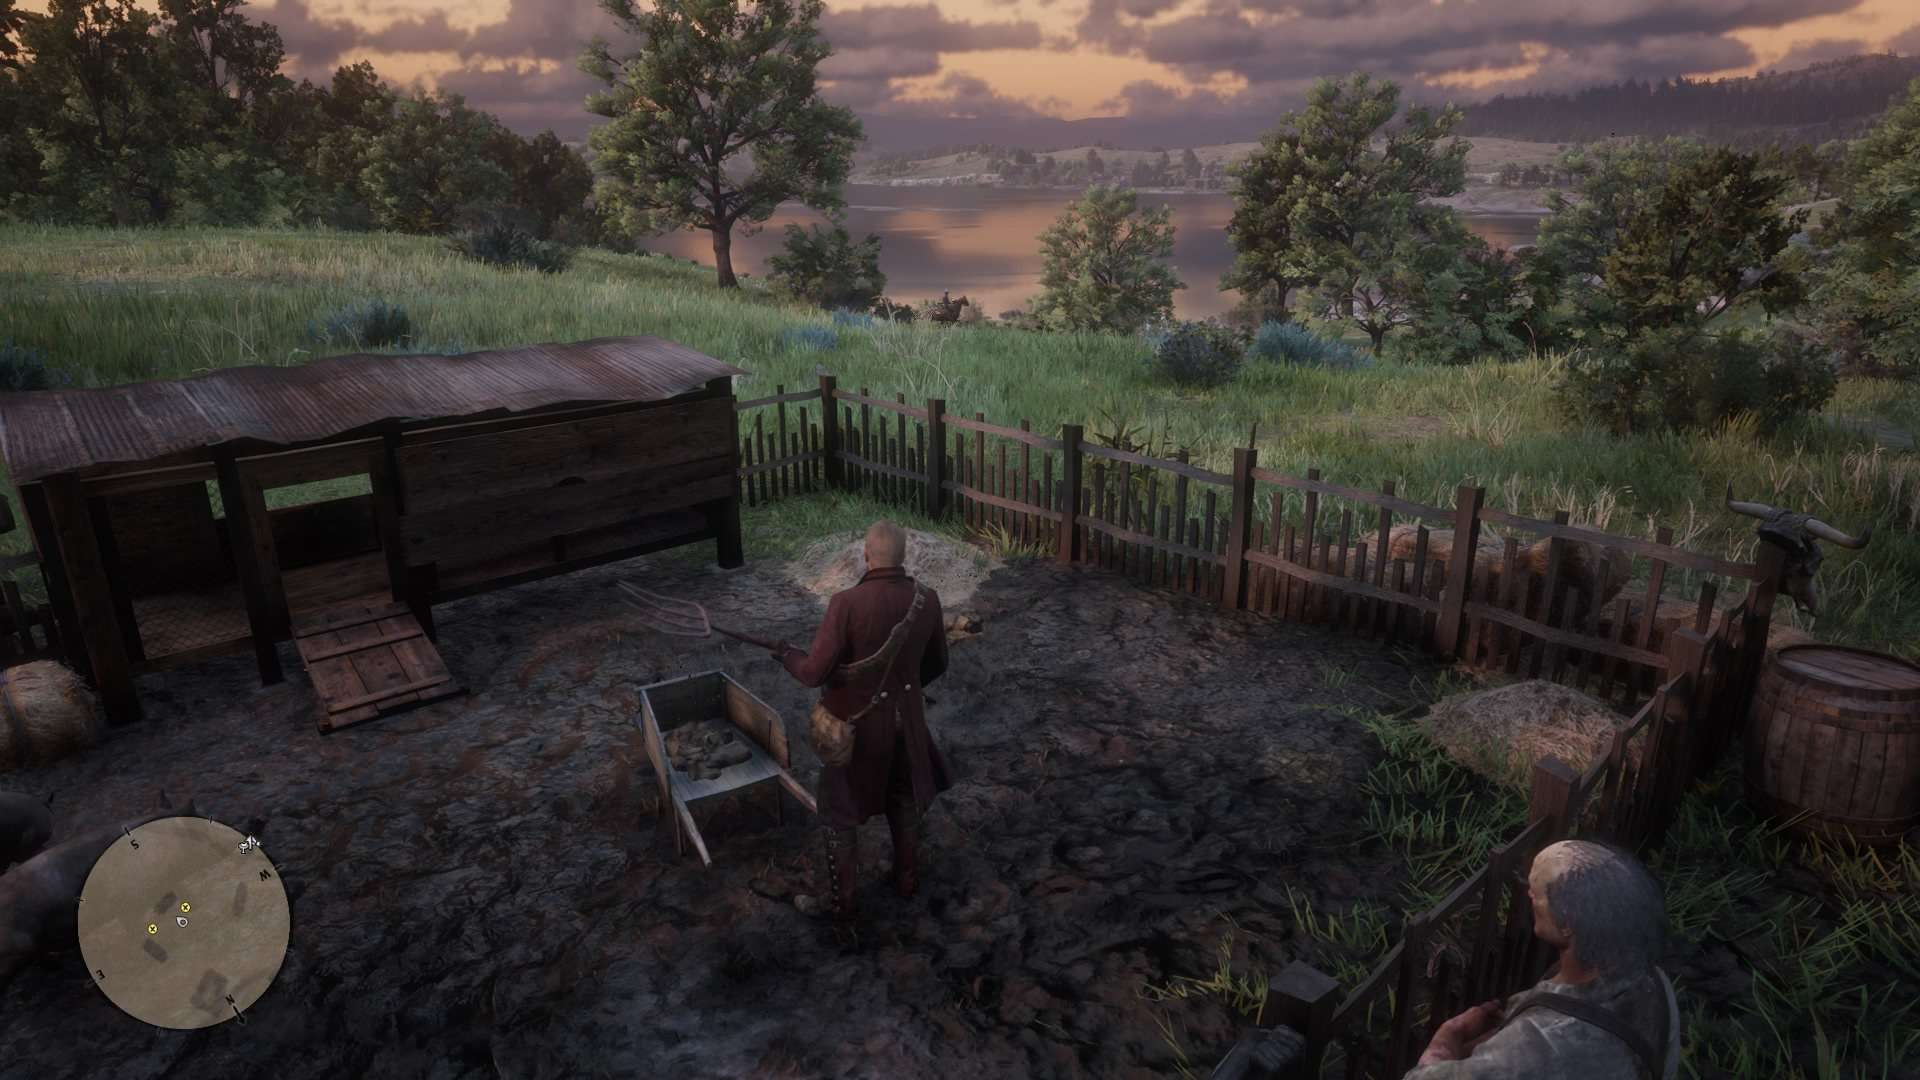 Честный обзор Red Dead Redemption 2 - Впечатления после 100 часов игры